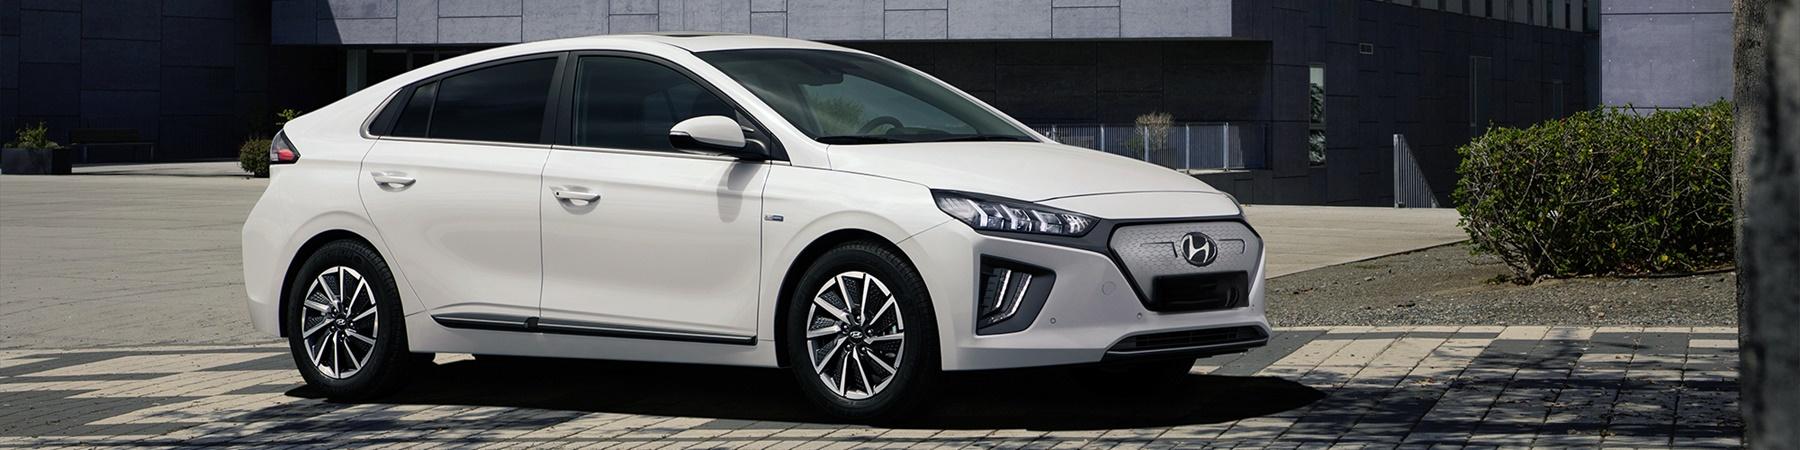 Hyundai IONIQ 38.3kWh 264 km actieradius